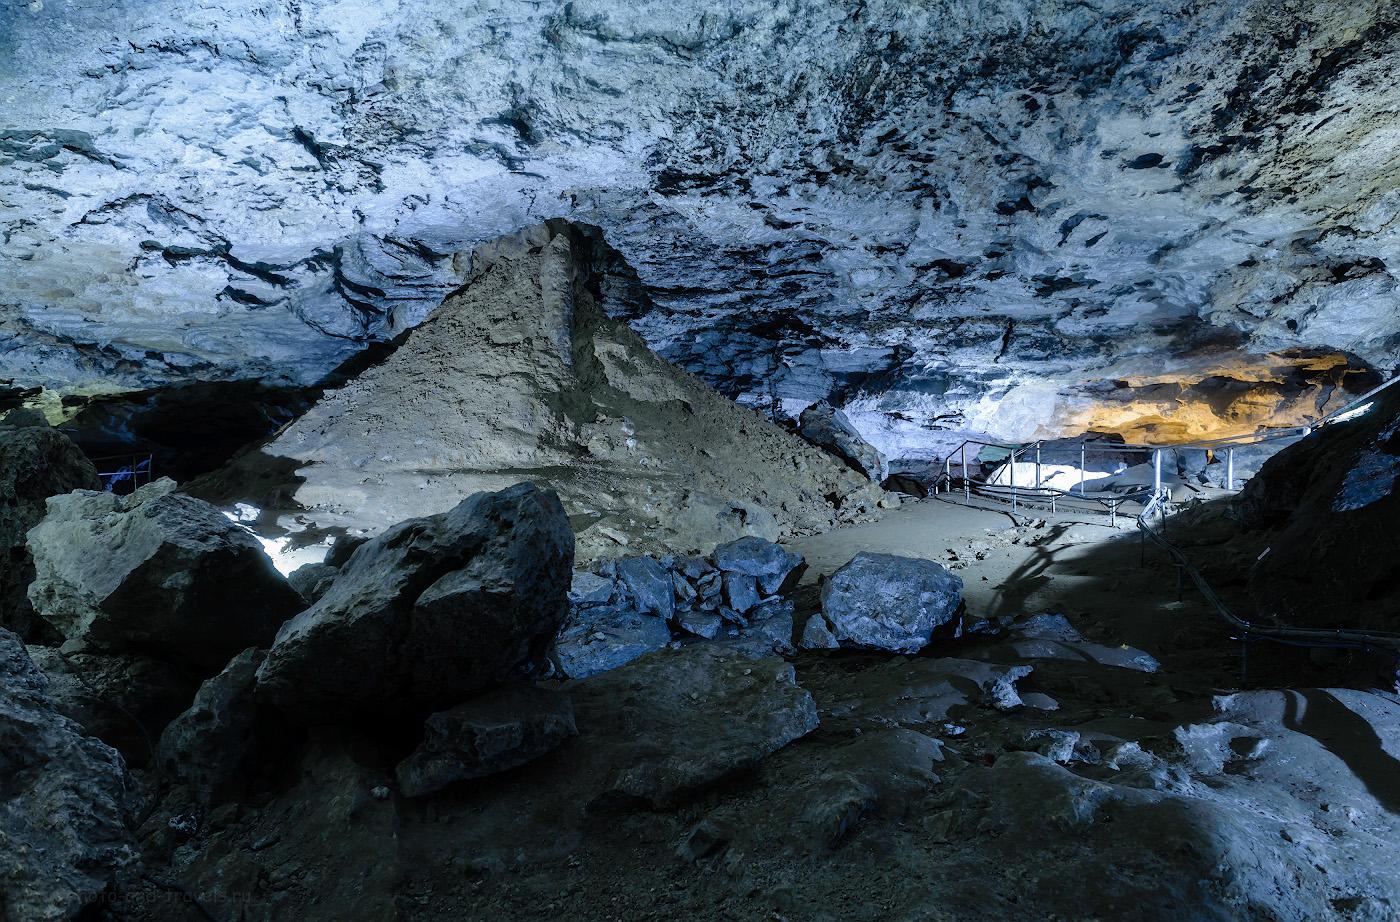 Фотография 1. Грот в Кунгурской пещере. Отзывы о самостоятельной экскурсии. Камера Nikon D 610, объектив Nikon 24-70mm f/2.8, штатив Sirui T2204X. Параметры съемки: выдержка 3 сек., 0EV поправка экспозиции, f/5.6, ISO 400, ФР=24 мм.